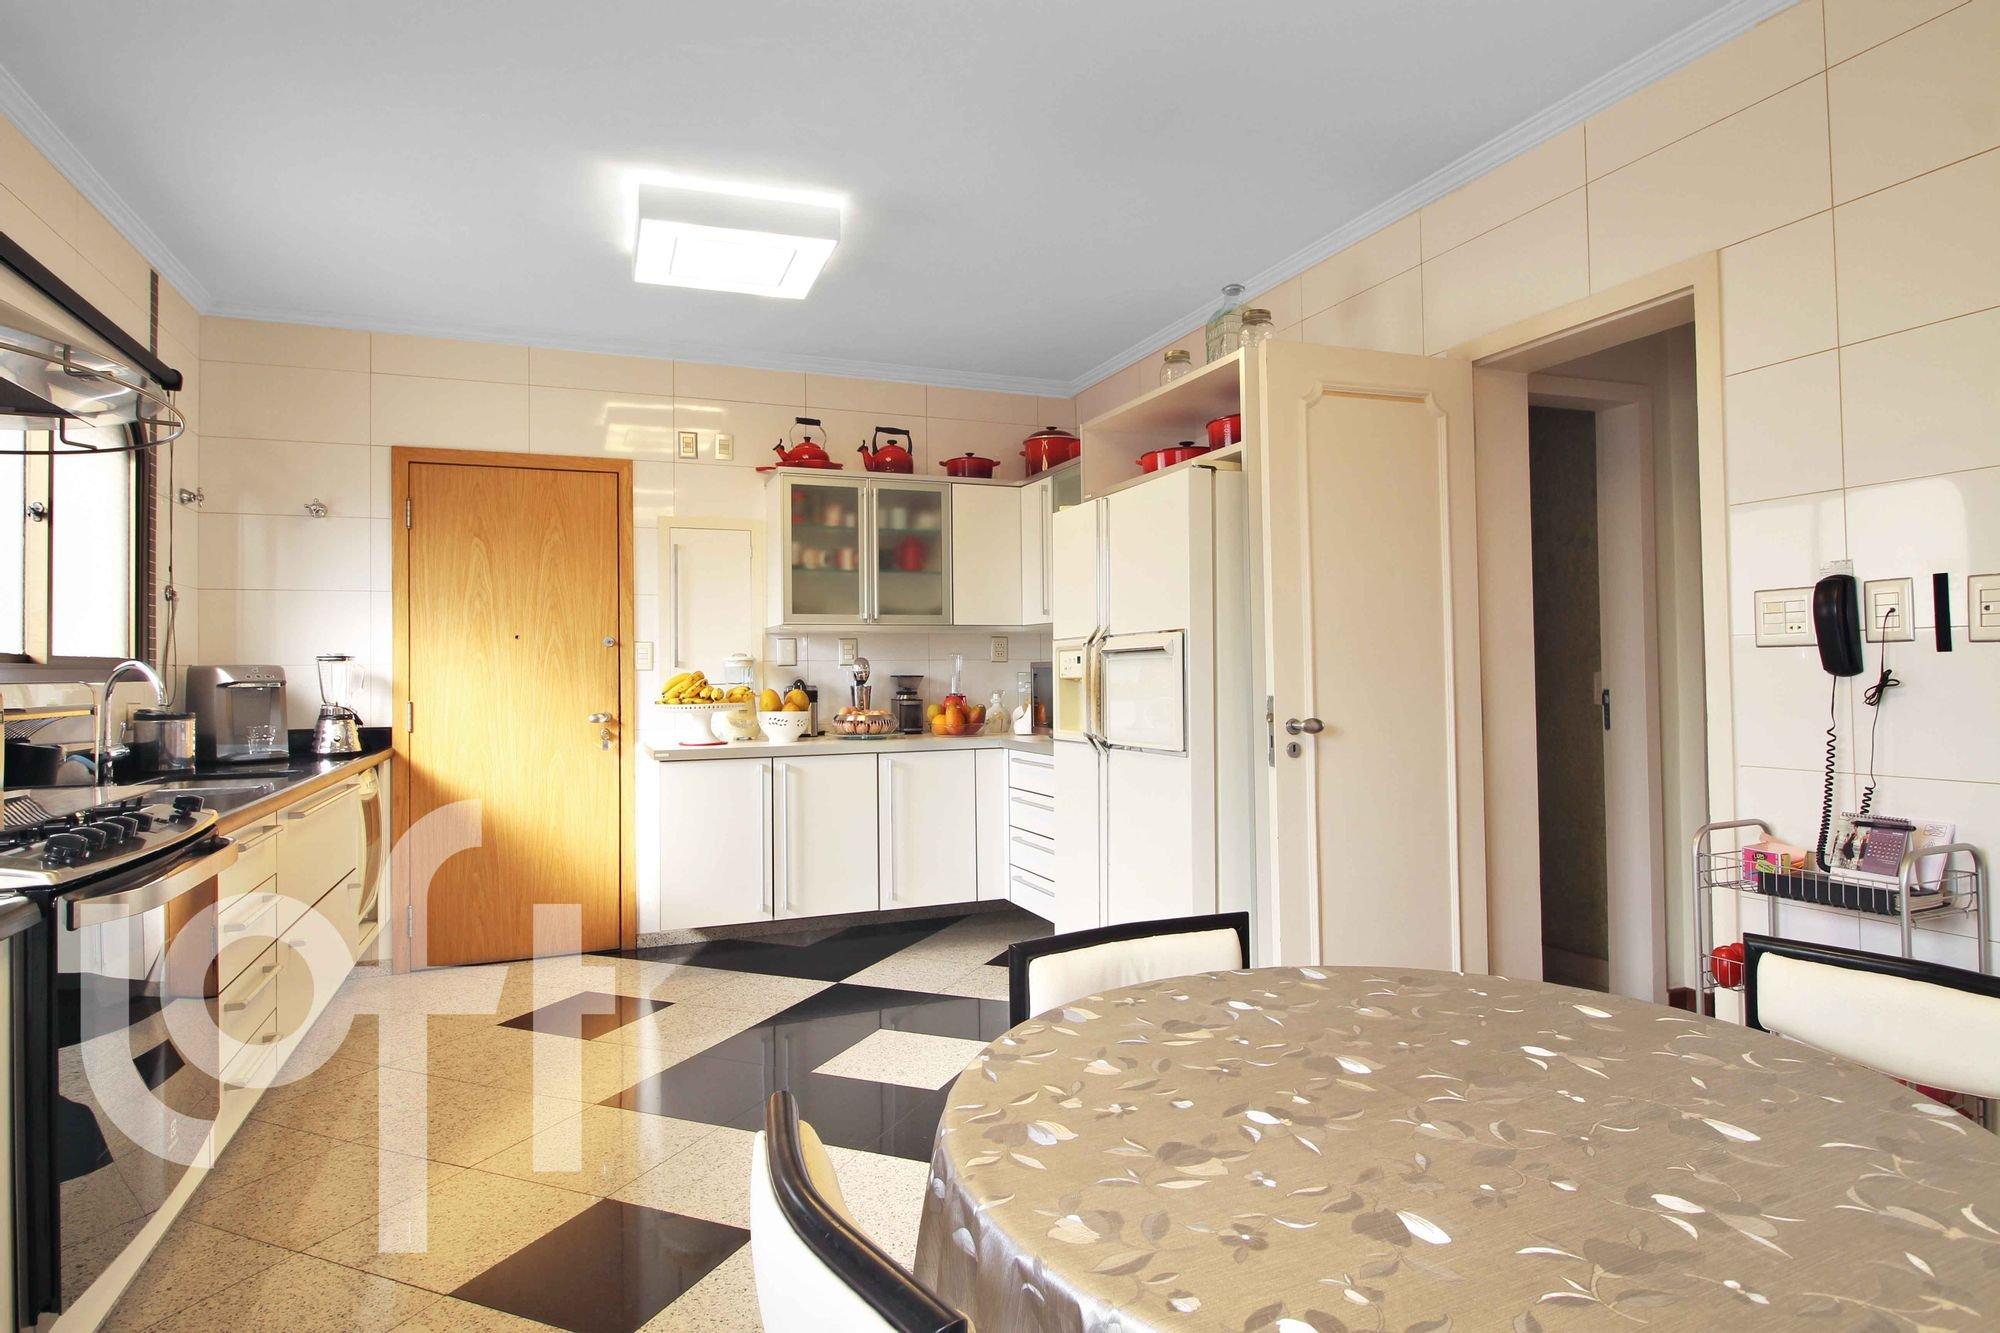 Foto de Cozinha com cama, tigela, geladeira, cadeira